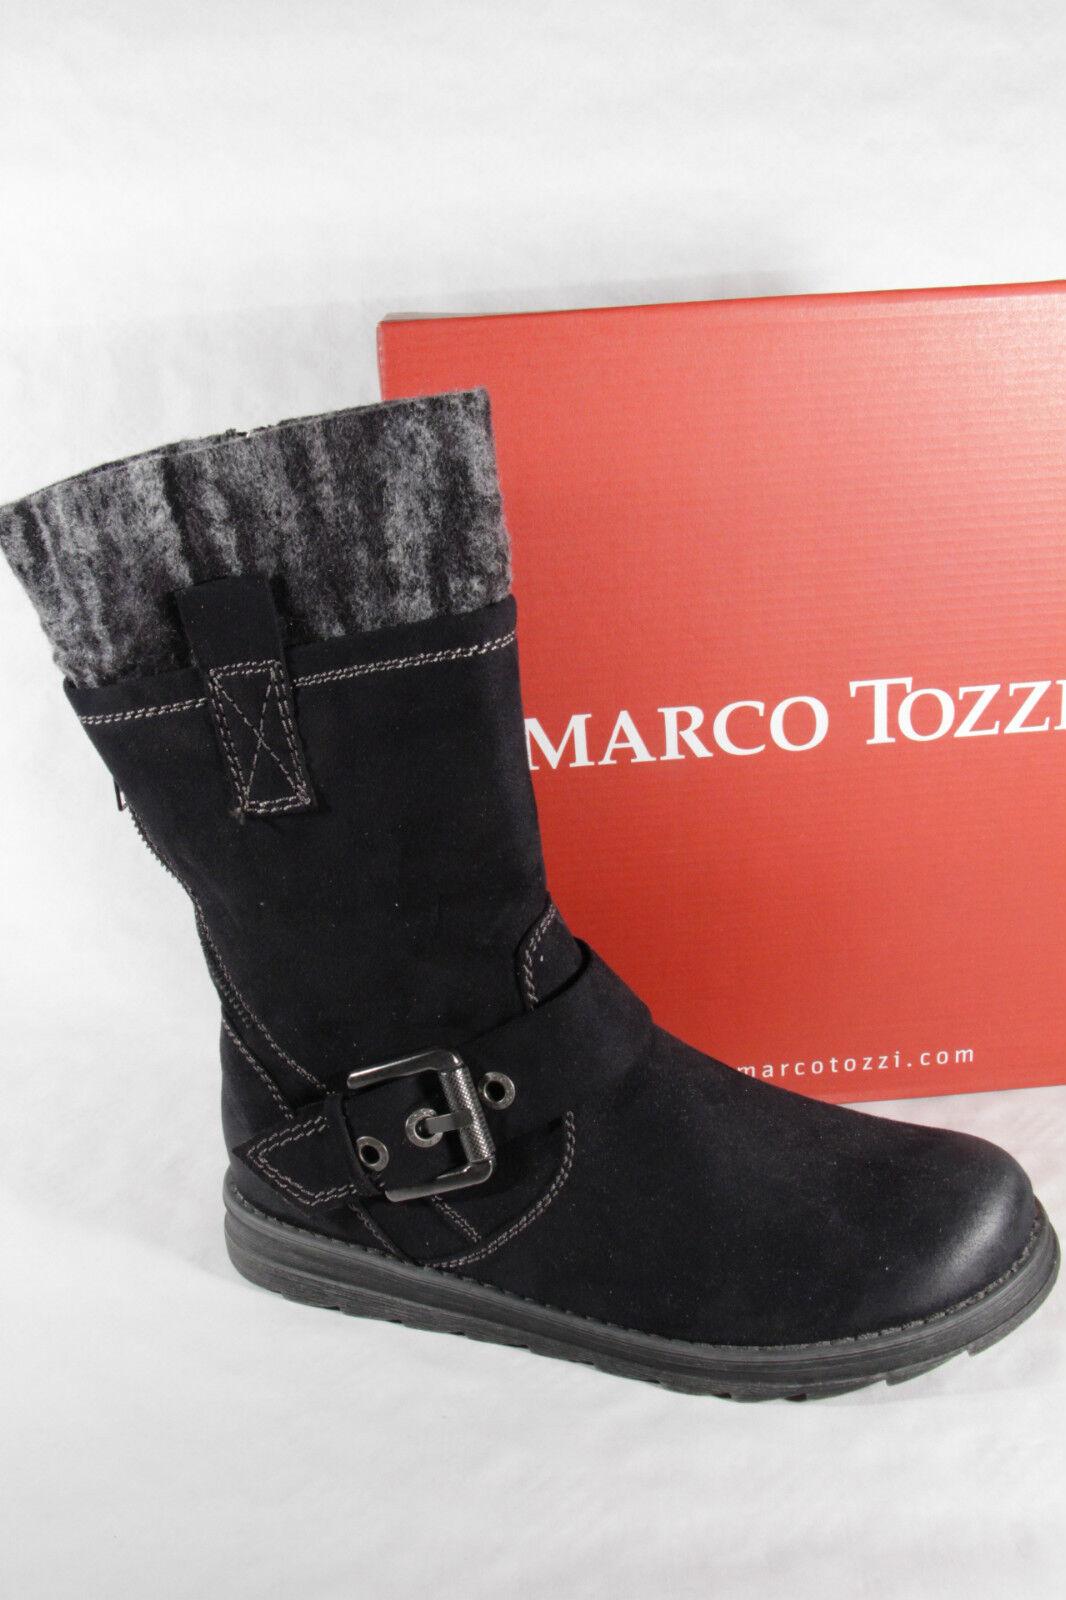 Marco Tozzi Tozzi Tozzi Stiefel Stiefel Winterstiefel schwarz, gefüttert, RV, 25600 NEU   8fccc6